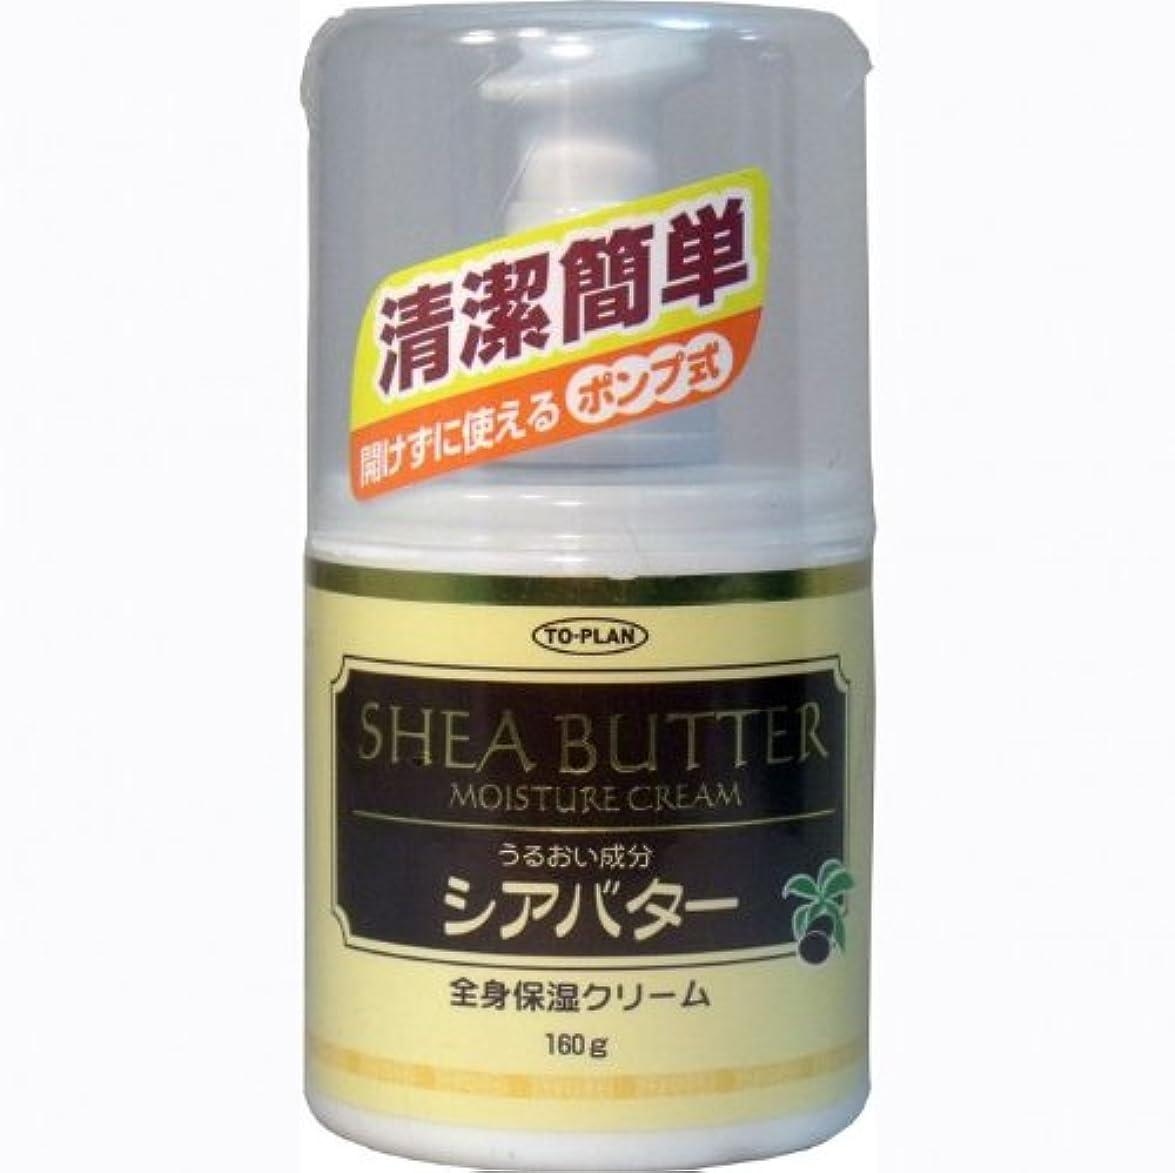 チップ十年灰トプラン 全身保湿クリーム シアバター ポンプ式 160g【2個セット】